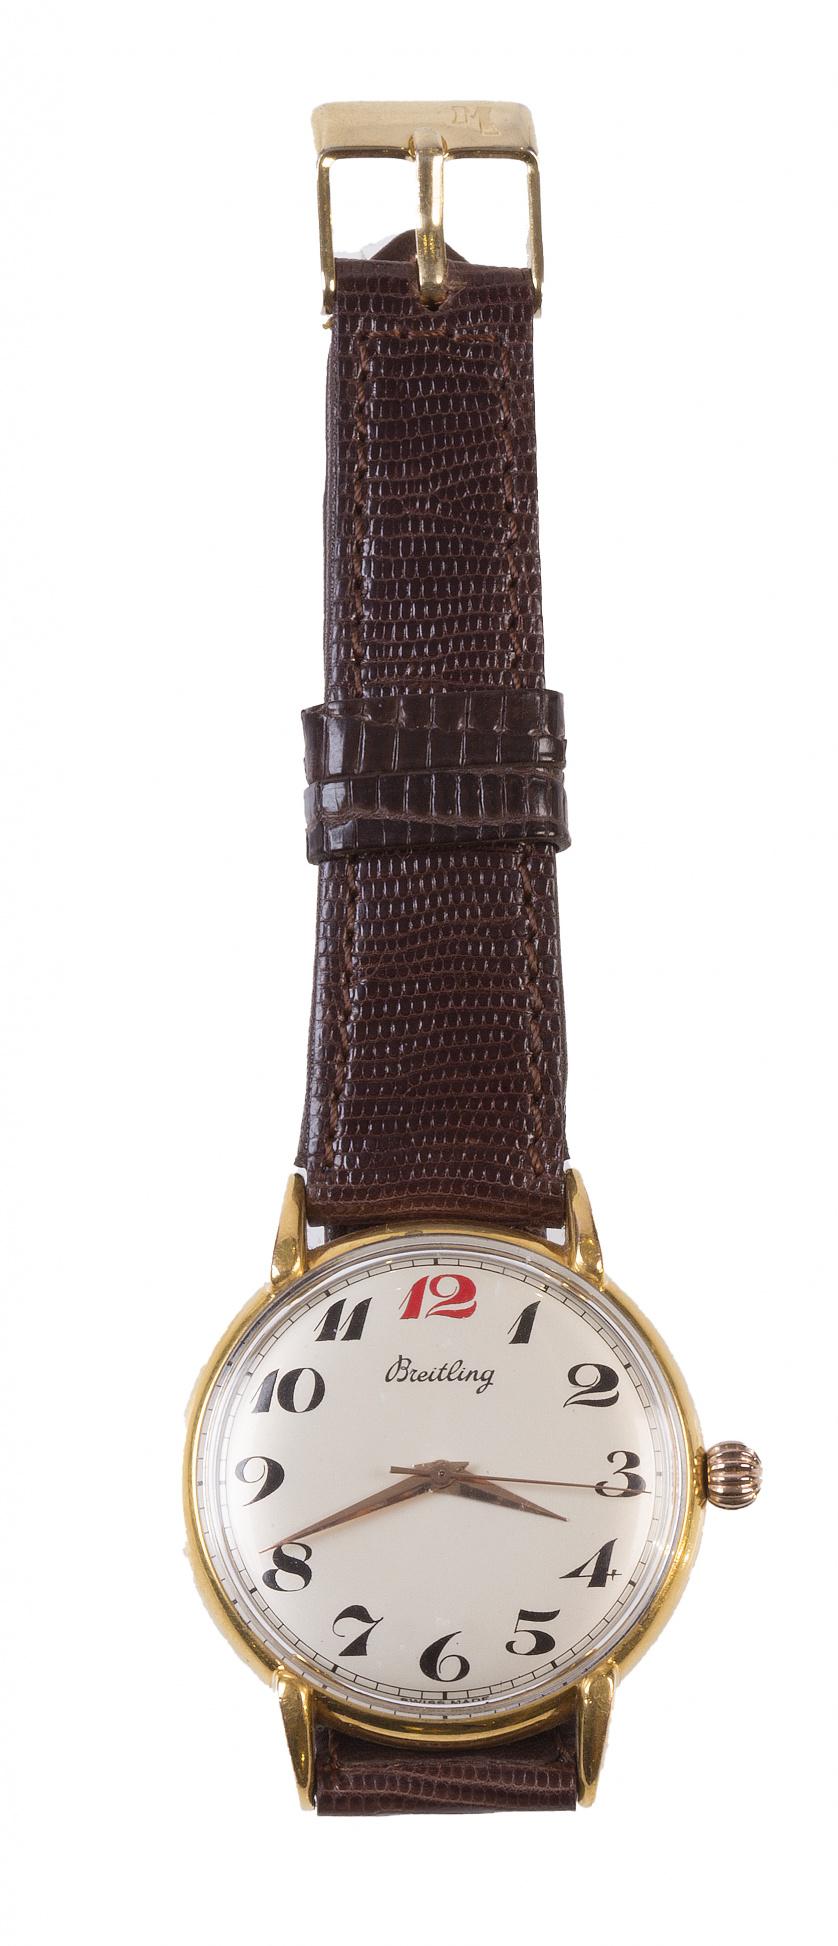 Reloj BREITLING años 30-40 en plaqué or